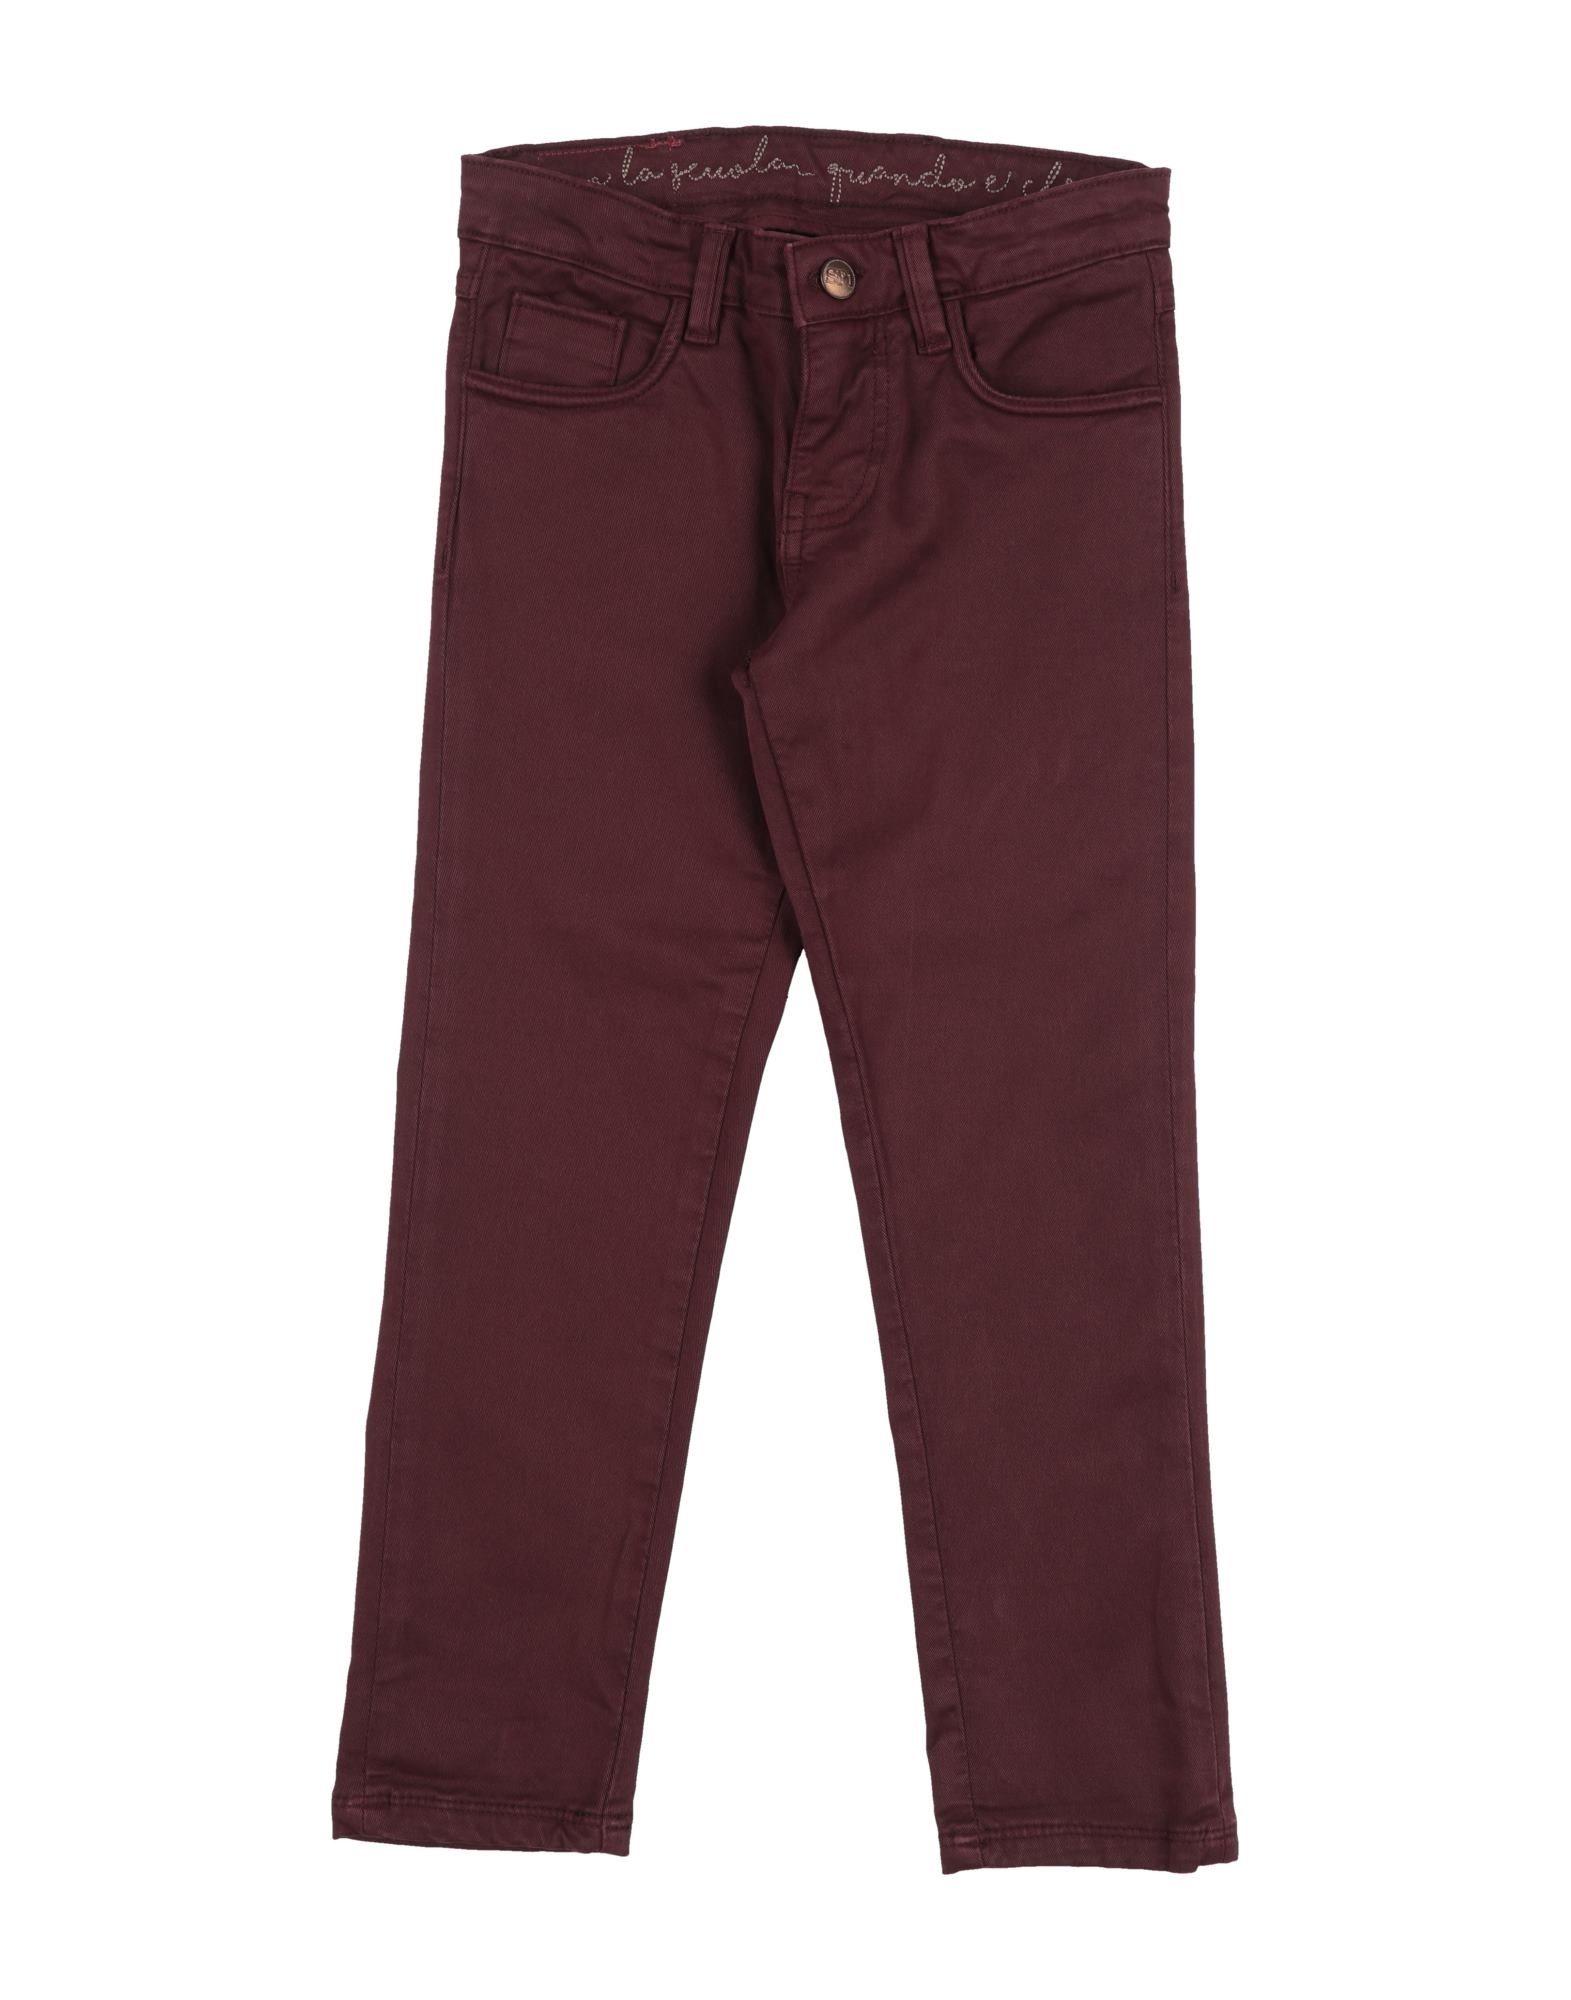 Sp1 Kids' Casual Pants In Brown